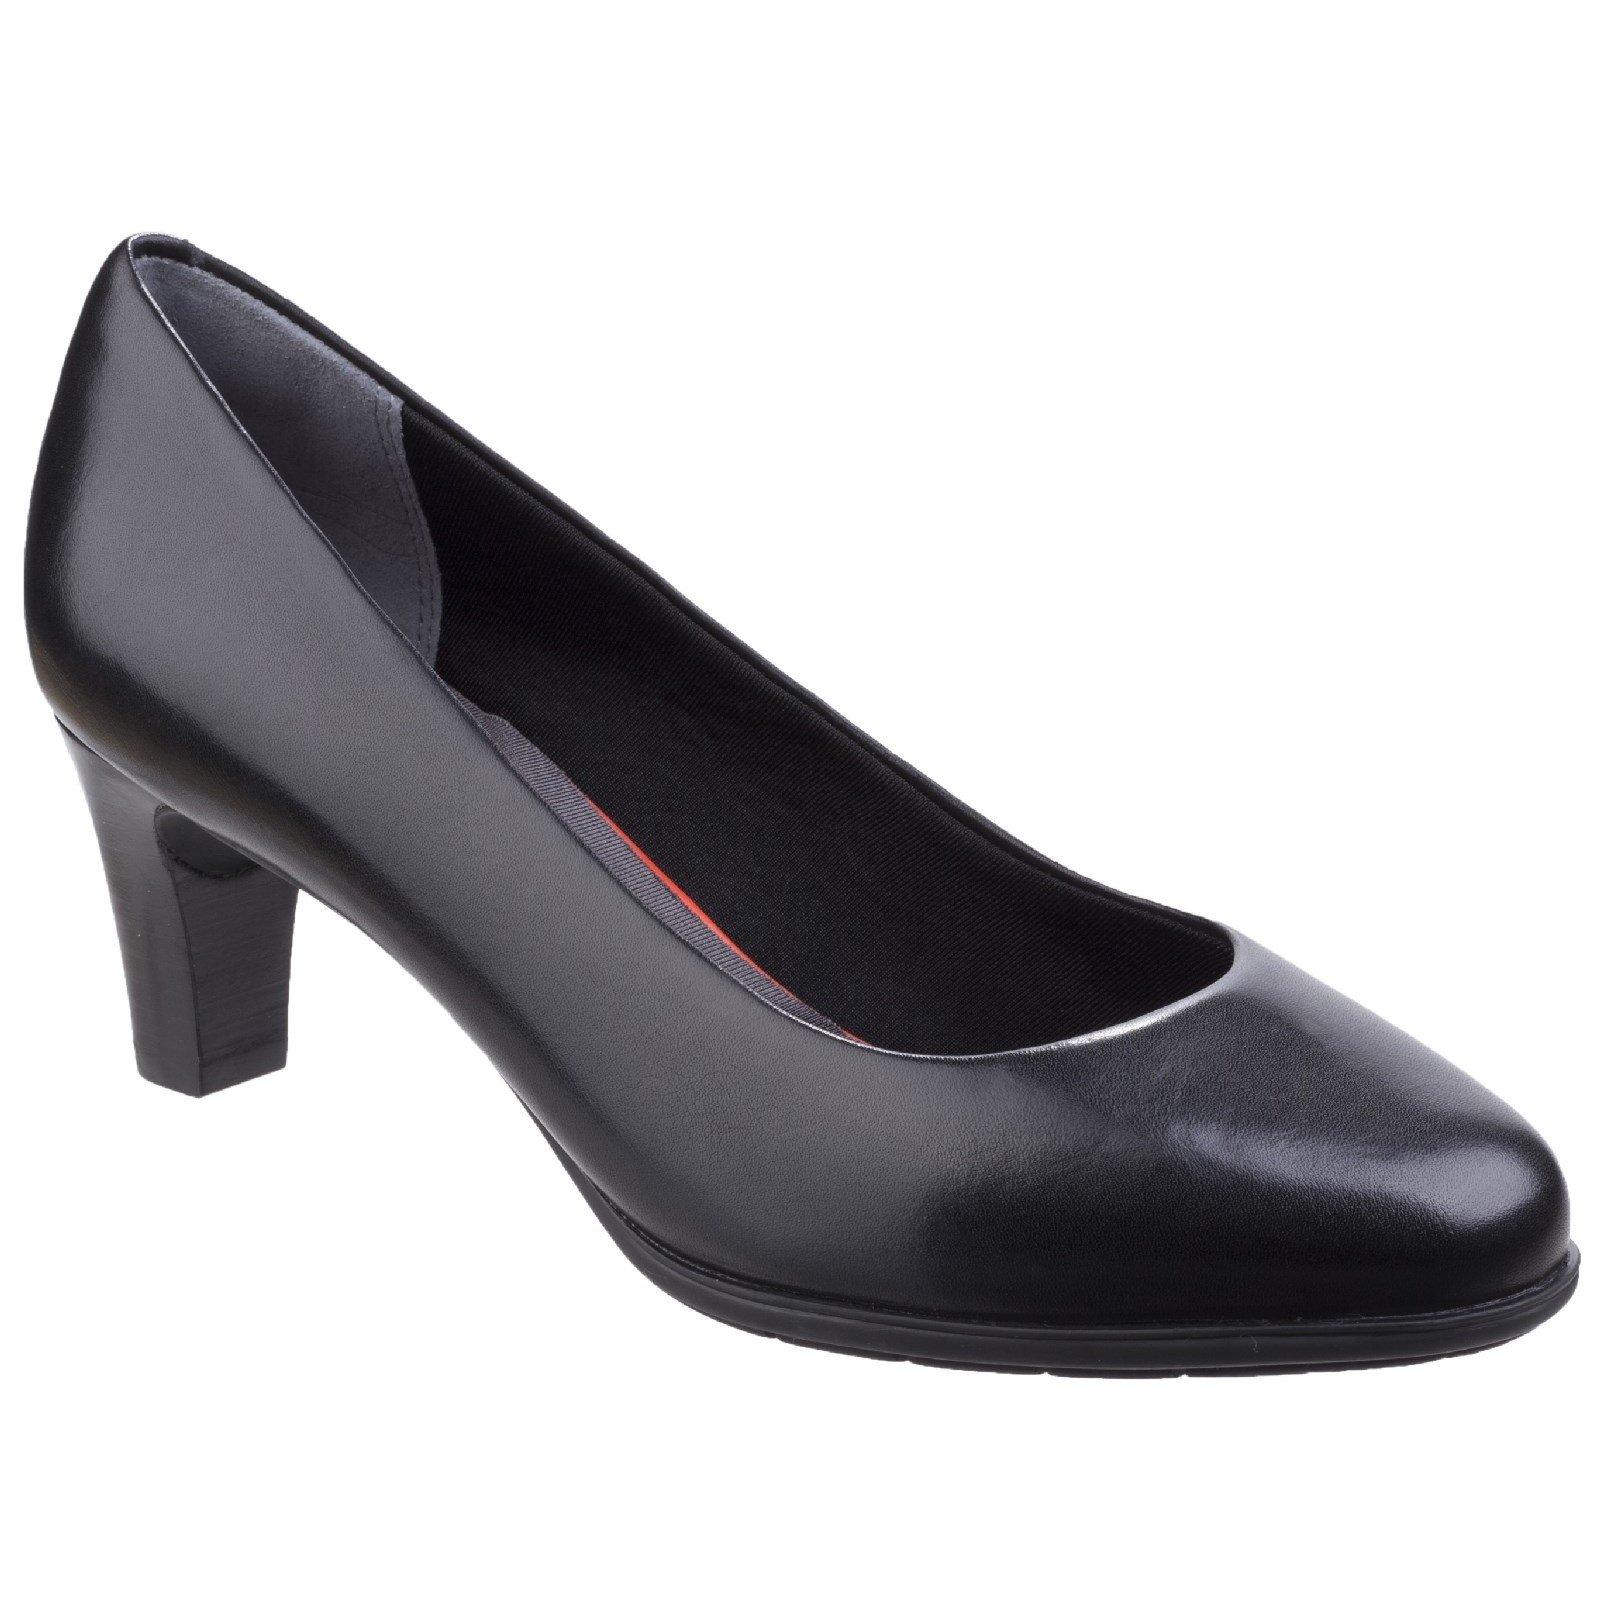 Rockport Women's Melora Plain Pump Shoe Various Colours 26349 - Black Leather 6